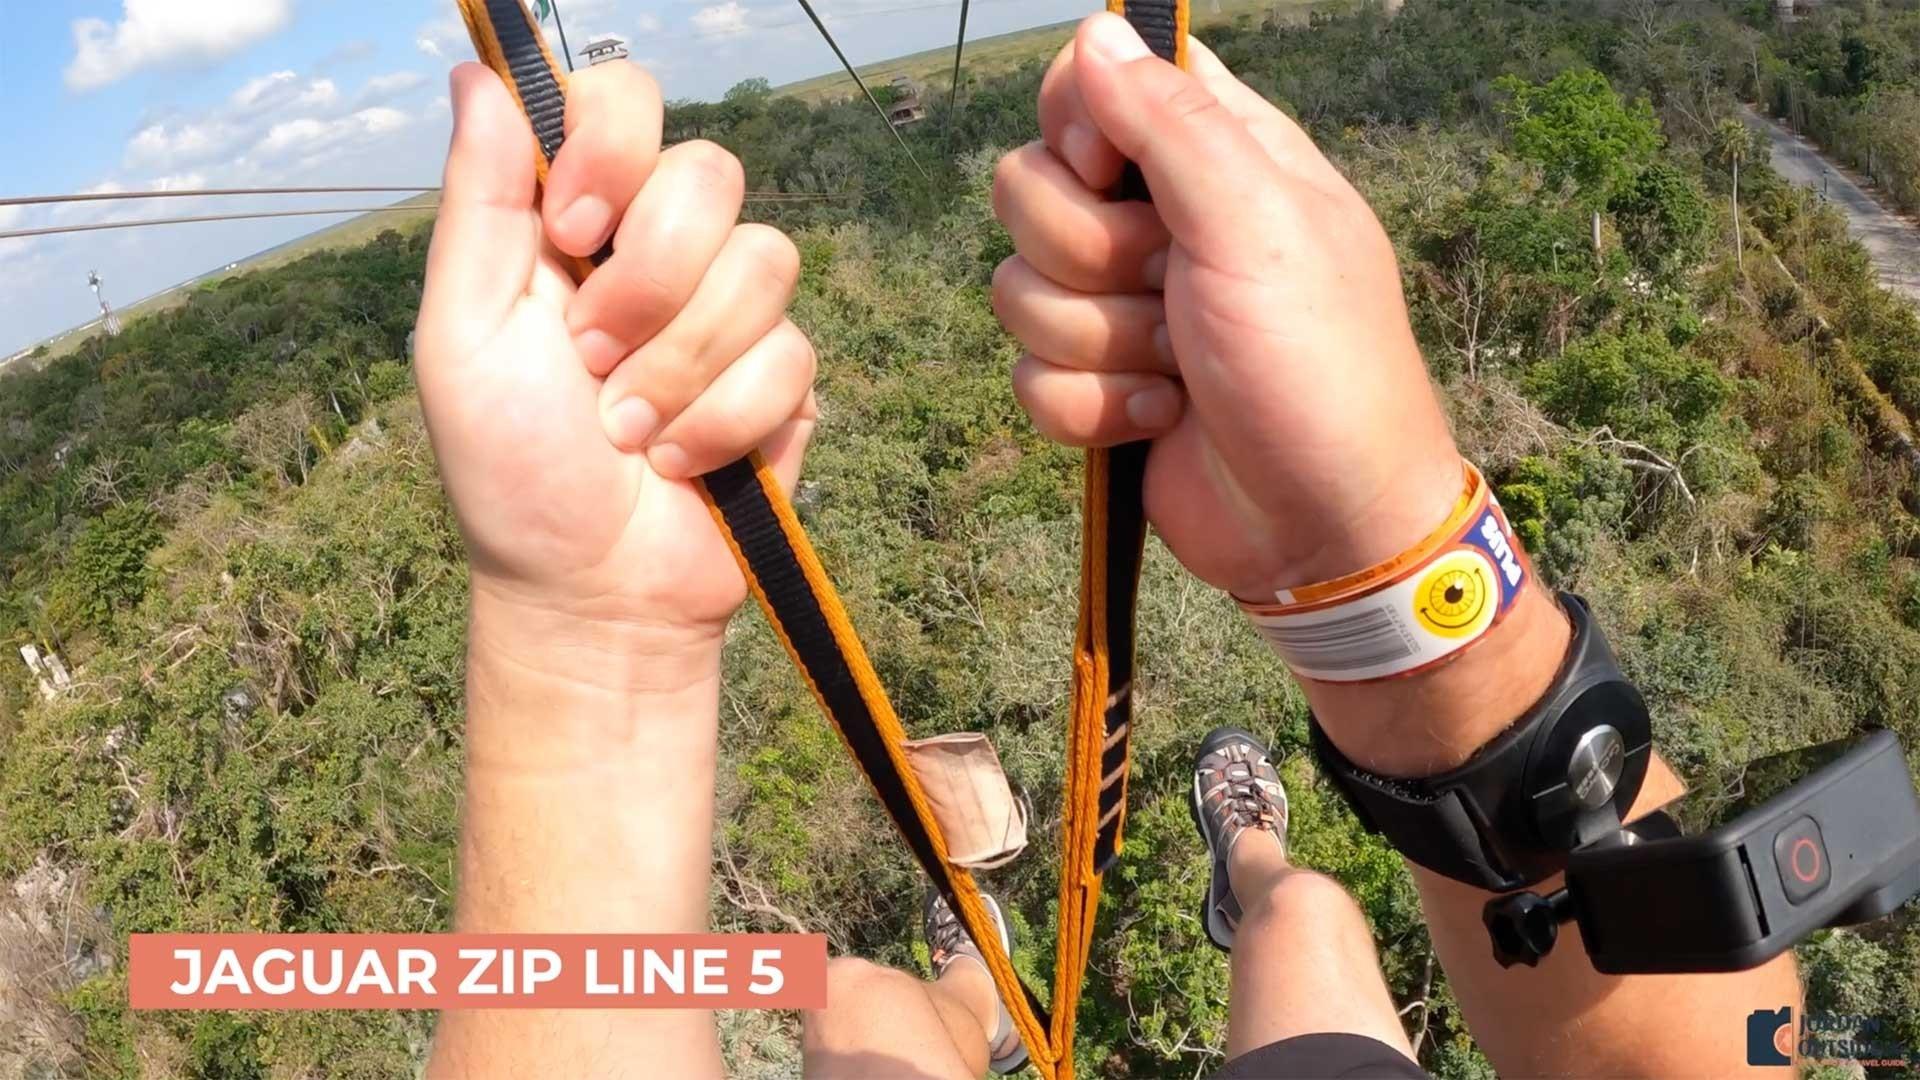 Jaguar Zipline 5 - Xplor Park